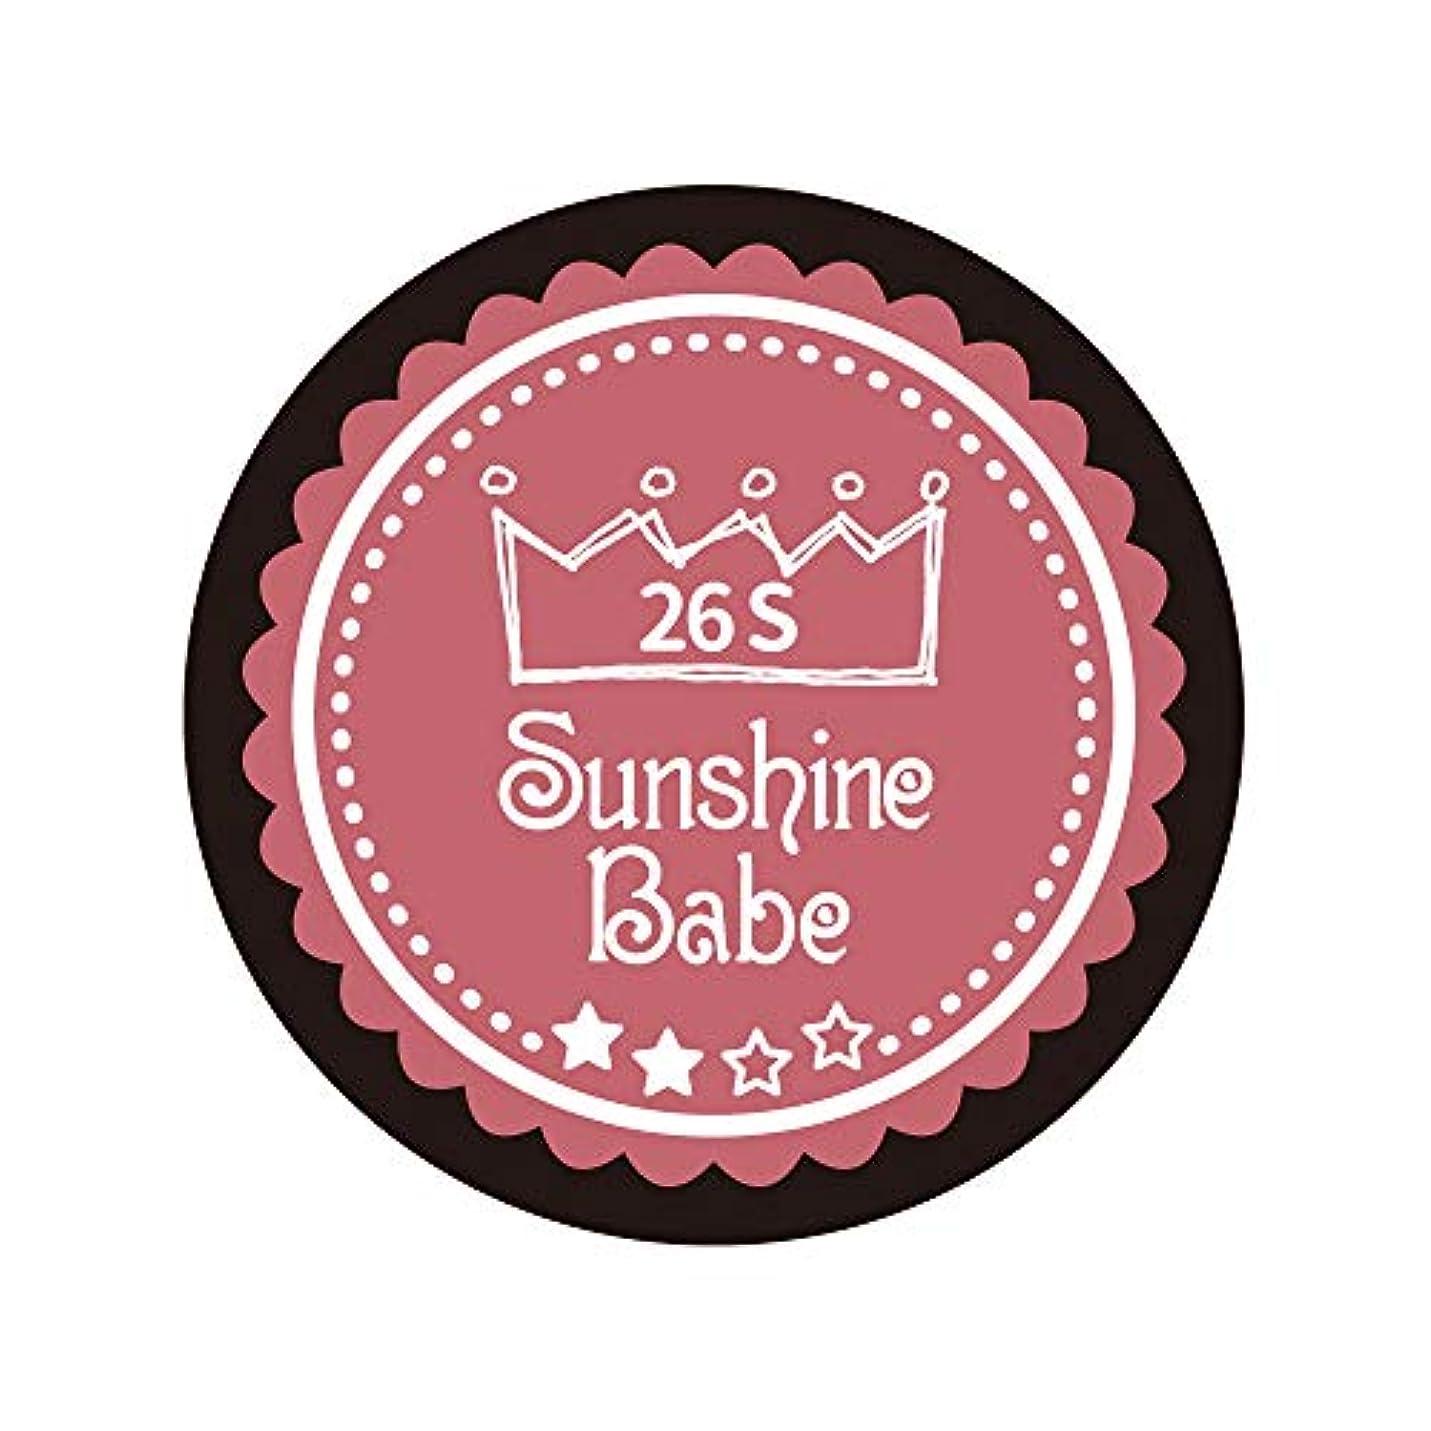 哲学者ナンセンス滑るSunshine Babe カラージェル 26S ダスティローズ 2.7g UV/LED対応